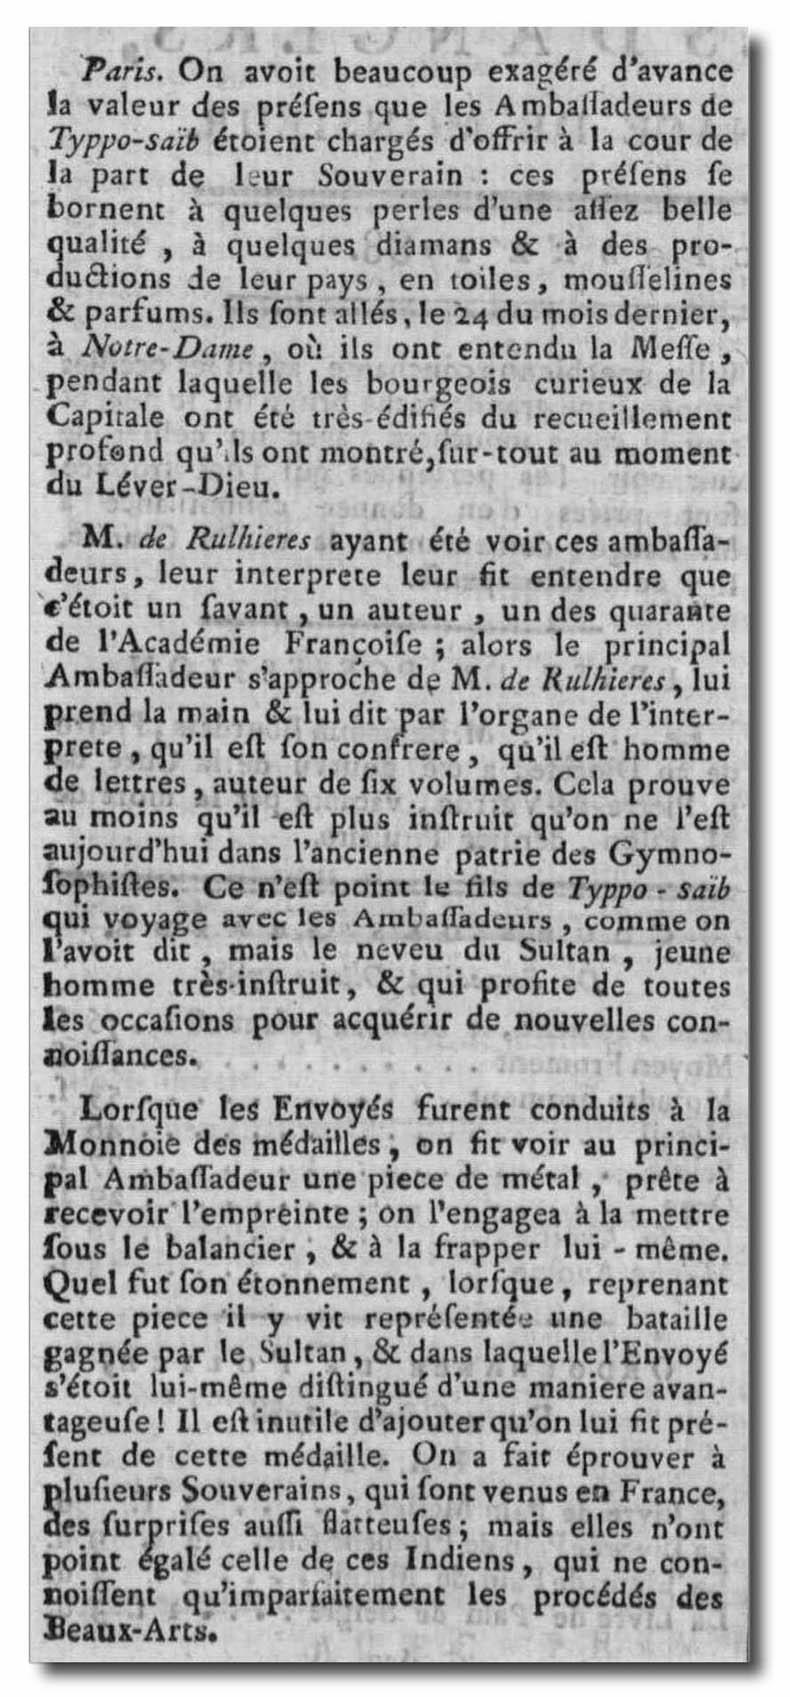 L'ambassade de Tippoo Sahib (Tipû Sâhib) à Versailles. - Page 2 Captu410